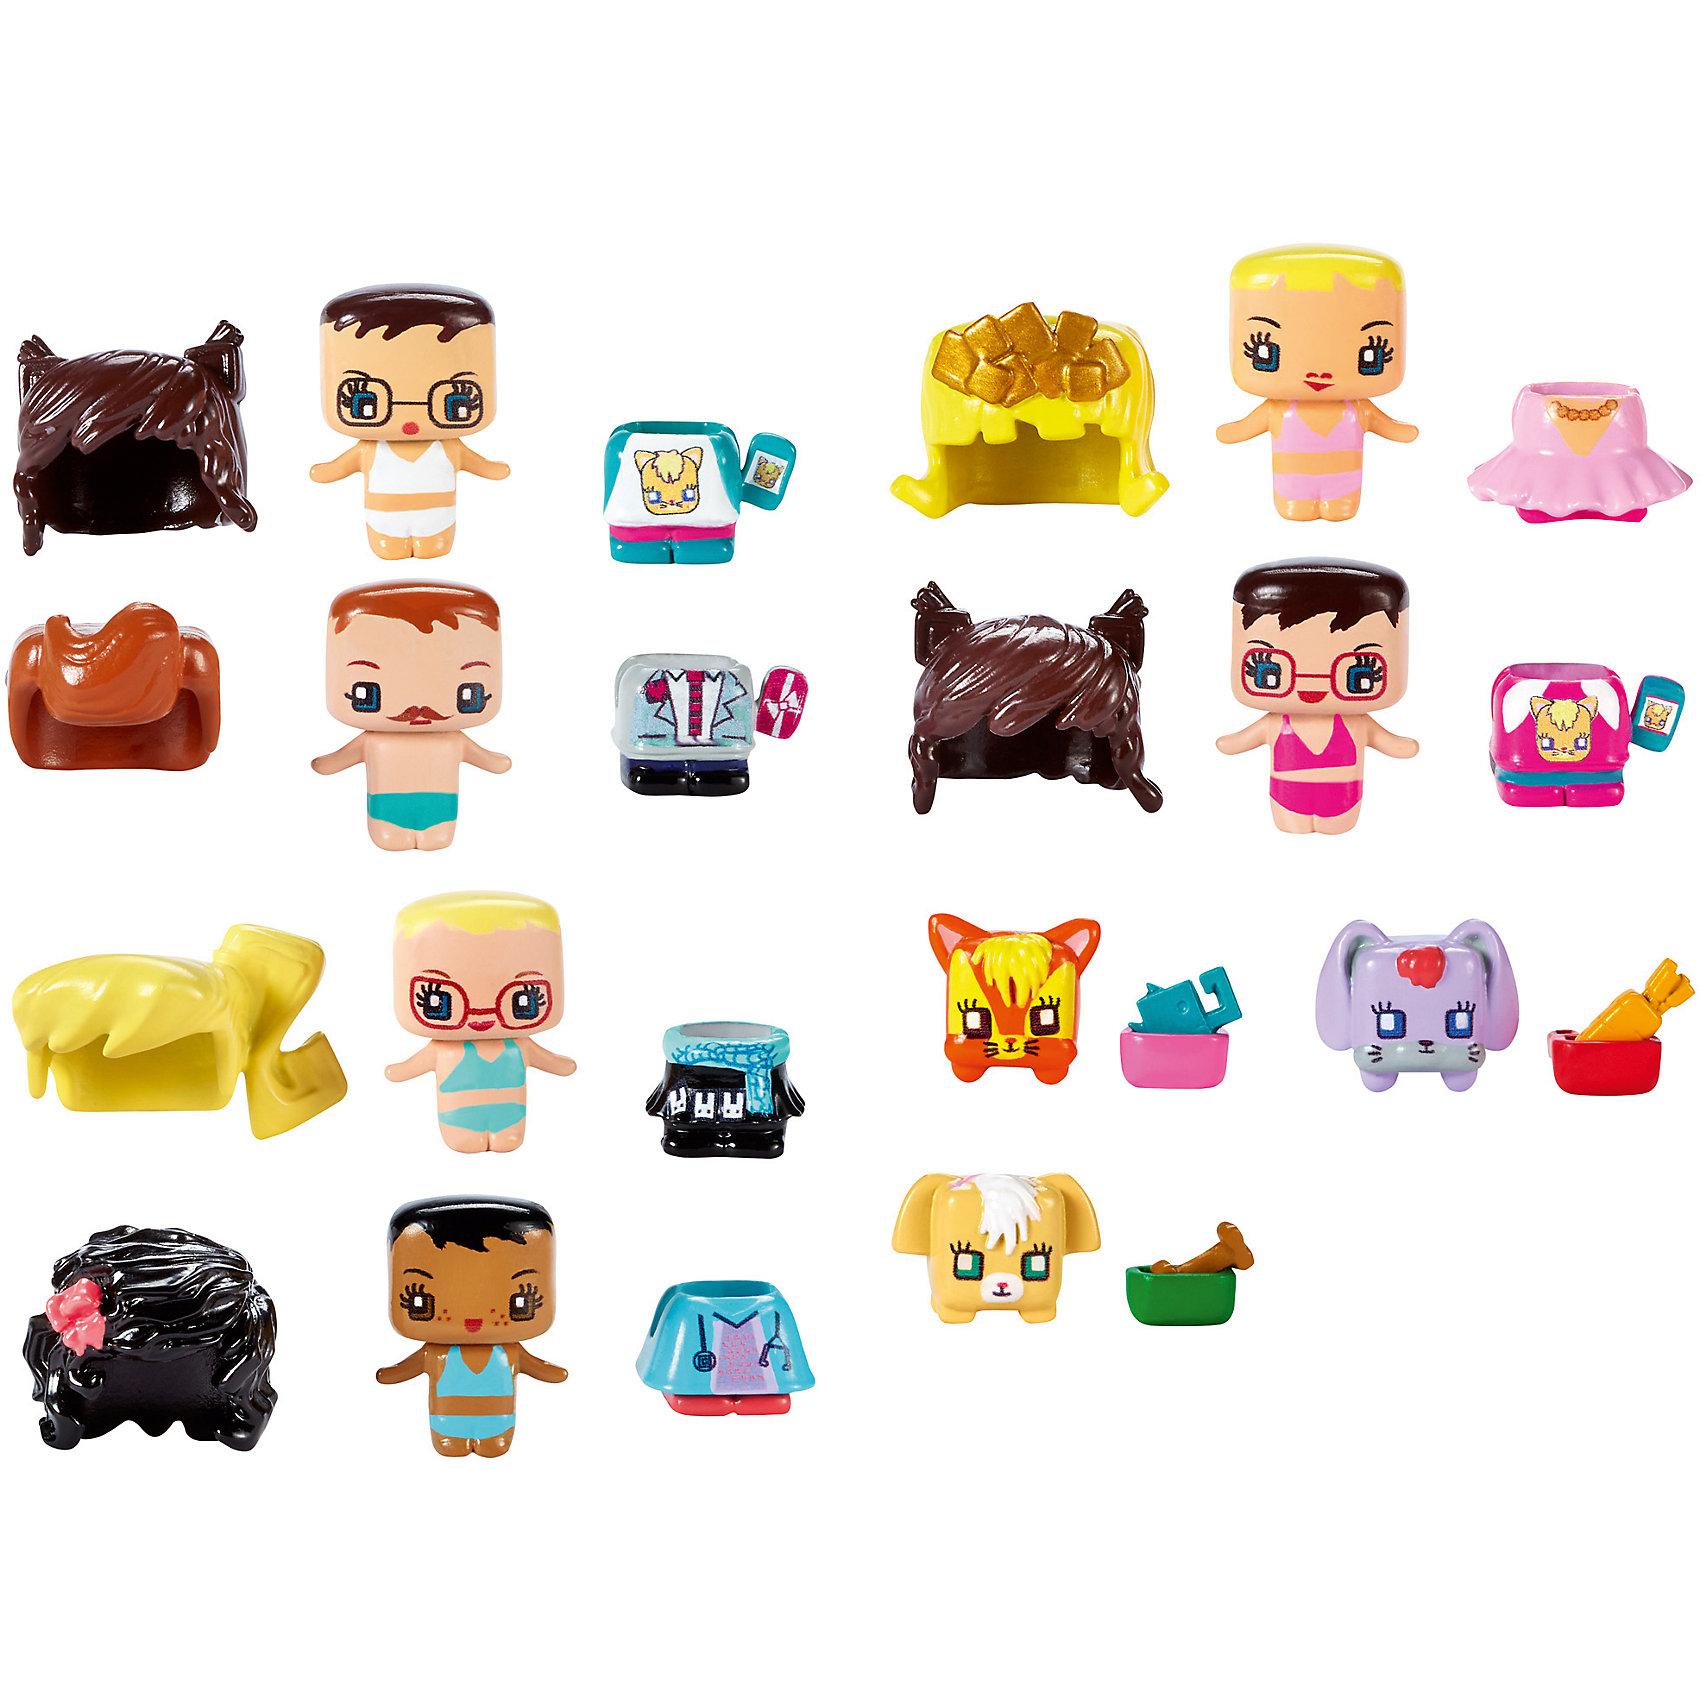 Набор из 3-х фигурок, My Mini MixieQ's, в ассортиментеЛюбимые герои<br>Набор My Mini MixieQ's – милая игрушка для маленьких детей. В набор входит 3 фигурки на определенную тематику. Фигурки разбираются. Детали можно поменять местами. Например, у человечка снимается парик и наряд. Все детали подходят к другим фигуркам из серии. В набор включены 2 персонажа и одна секретная фигурка. Во всей серии секретные фигурки разные, поэтому при покупке нового набора ребенка всегда будет ждать сюрприз. Материалы, использованные при изготовлении игрушек, полностью безопасны для детей и отвечают всем требованиям по качеству.<br><br>Дополнительная информация: <br><br>цвет: разноцветный;<br>материал: пластик, текстиль.<br><br>Набор из 3-х фигурок, My Mini MixieQ's, от компании Mattel можно приобрести в нашем магазине.<br><br>Ширина мм: 40<br>Глубина мм: 140<br>Высота мм: 165<br>Вес г: 59<br>Возраст от месяцев: 48<br>Возраст до месяцев: 120<br>Пол: Женский<br>Возраст: Детский<br>SKU: 5004450